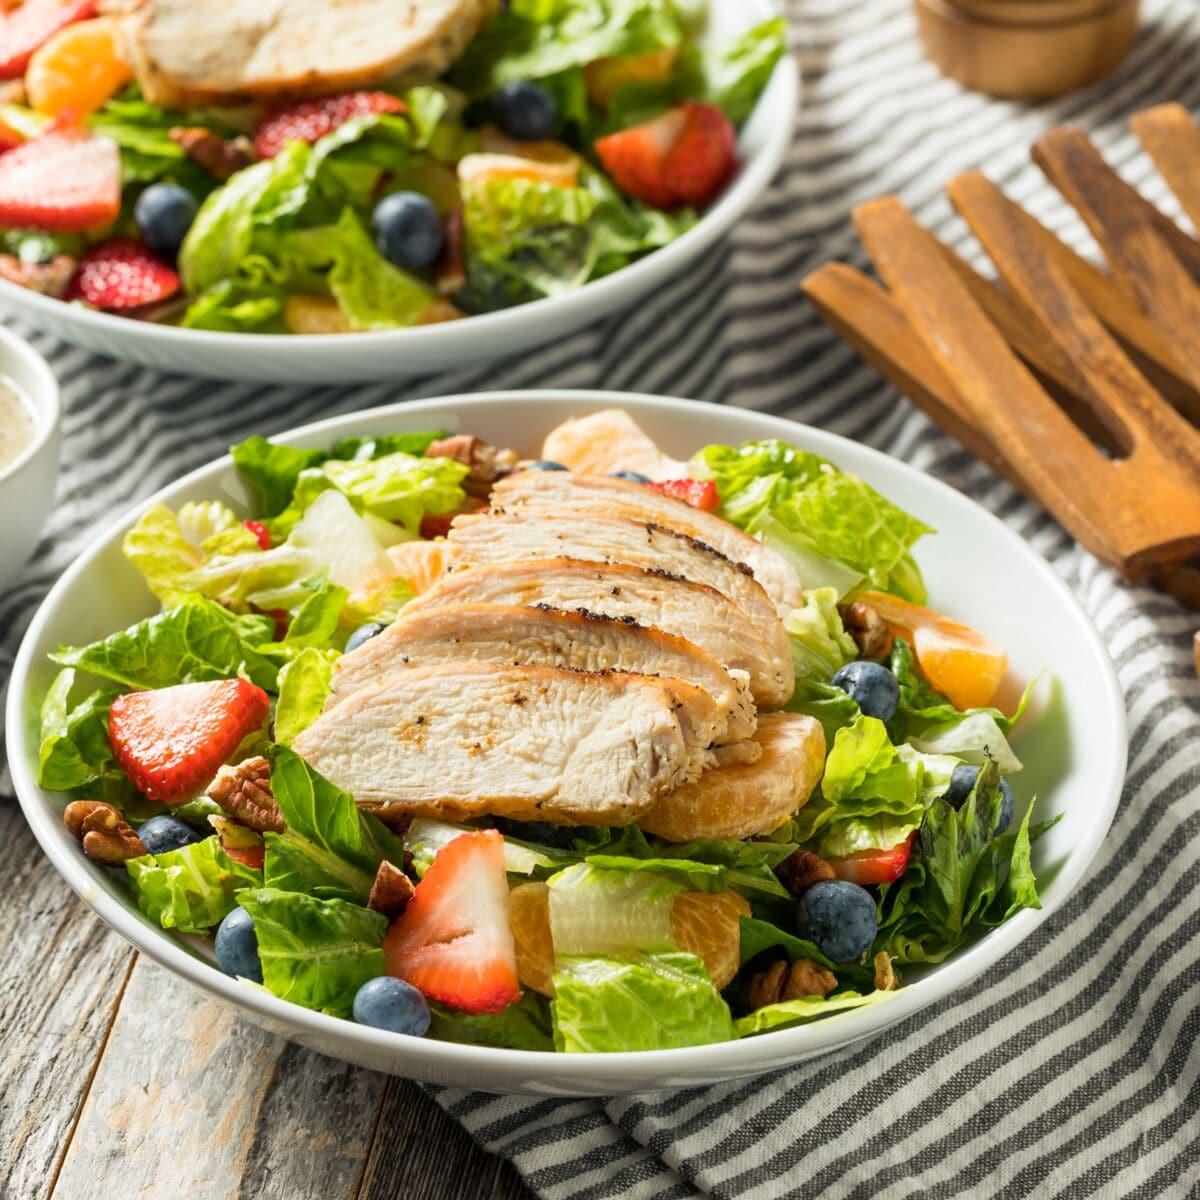 Astuces cuisine: voici les meilleurs moyens pour réussir sa salade en toute saison!